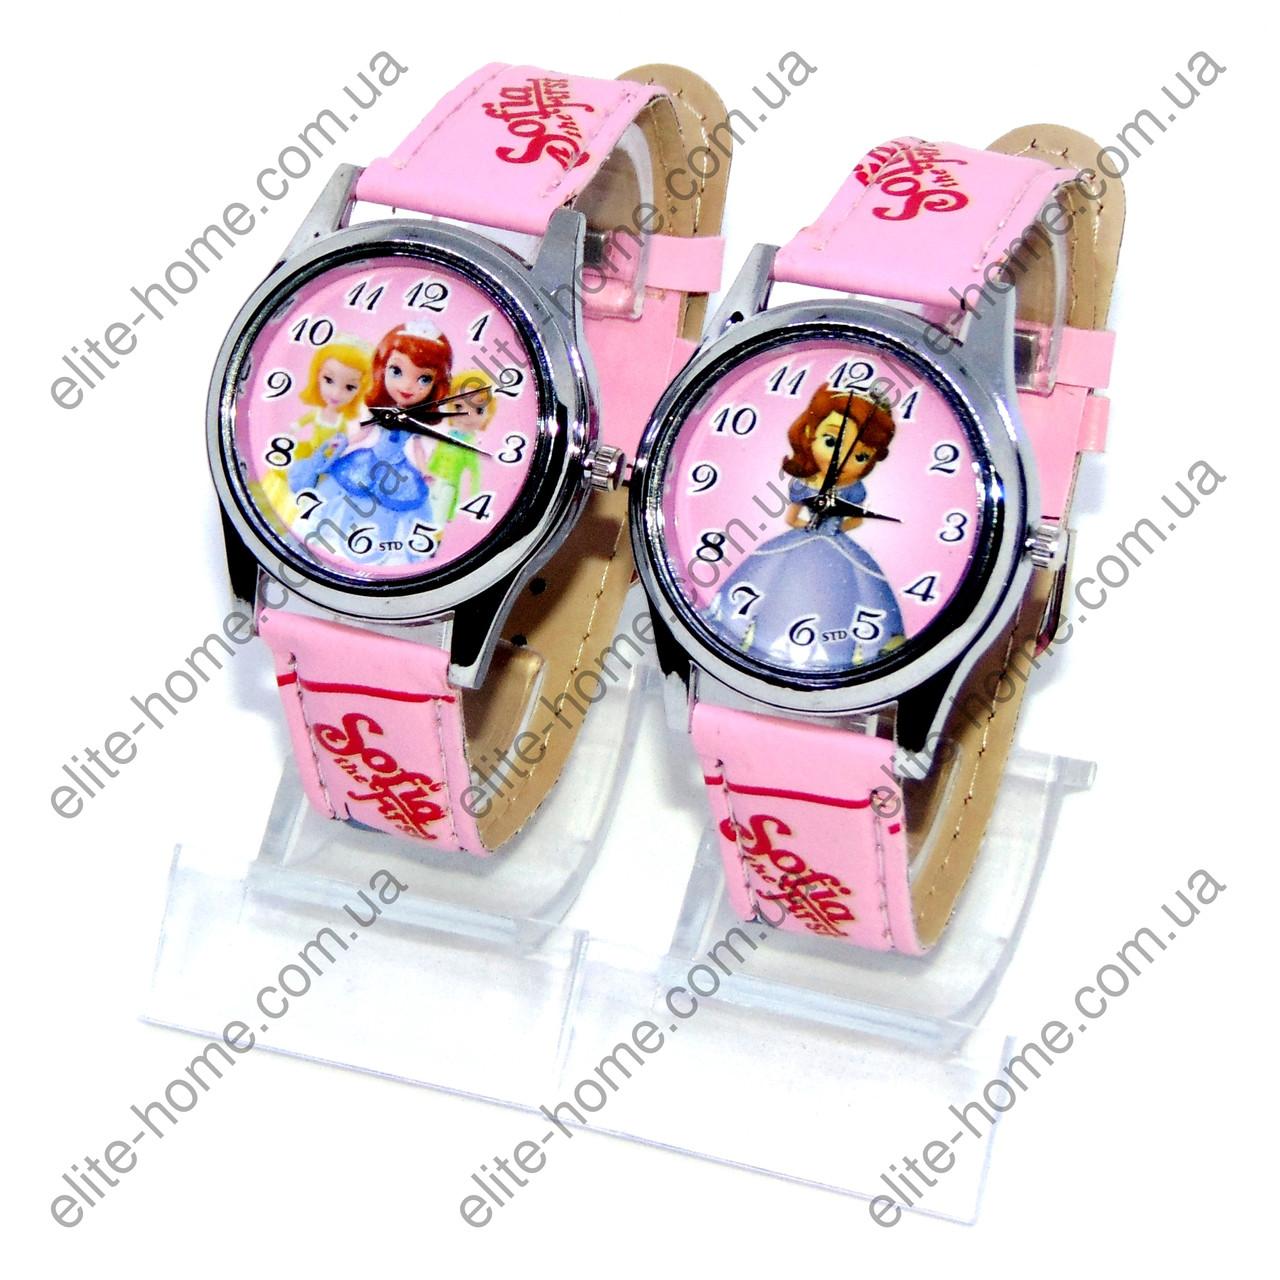 """Дитячі наручні годинники """"Софія (Sofia the First)"""" в подарунковій упаковці (рожевий ремінець)"""